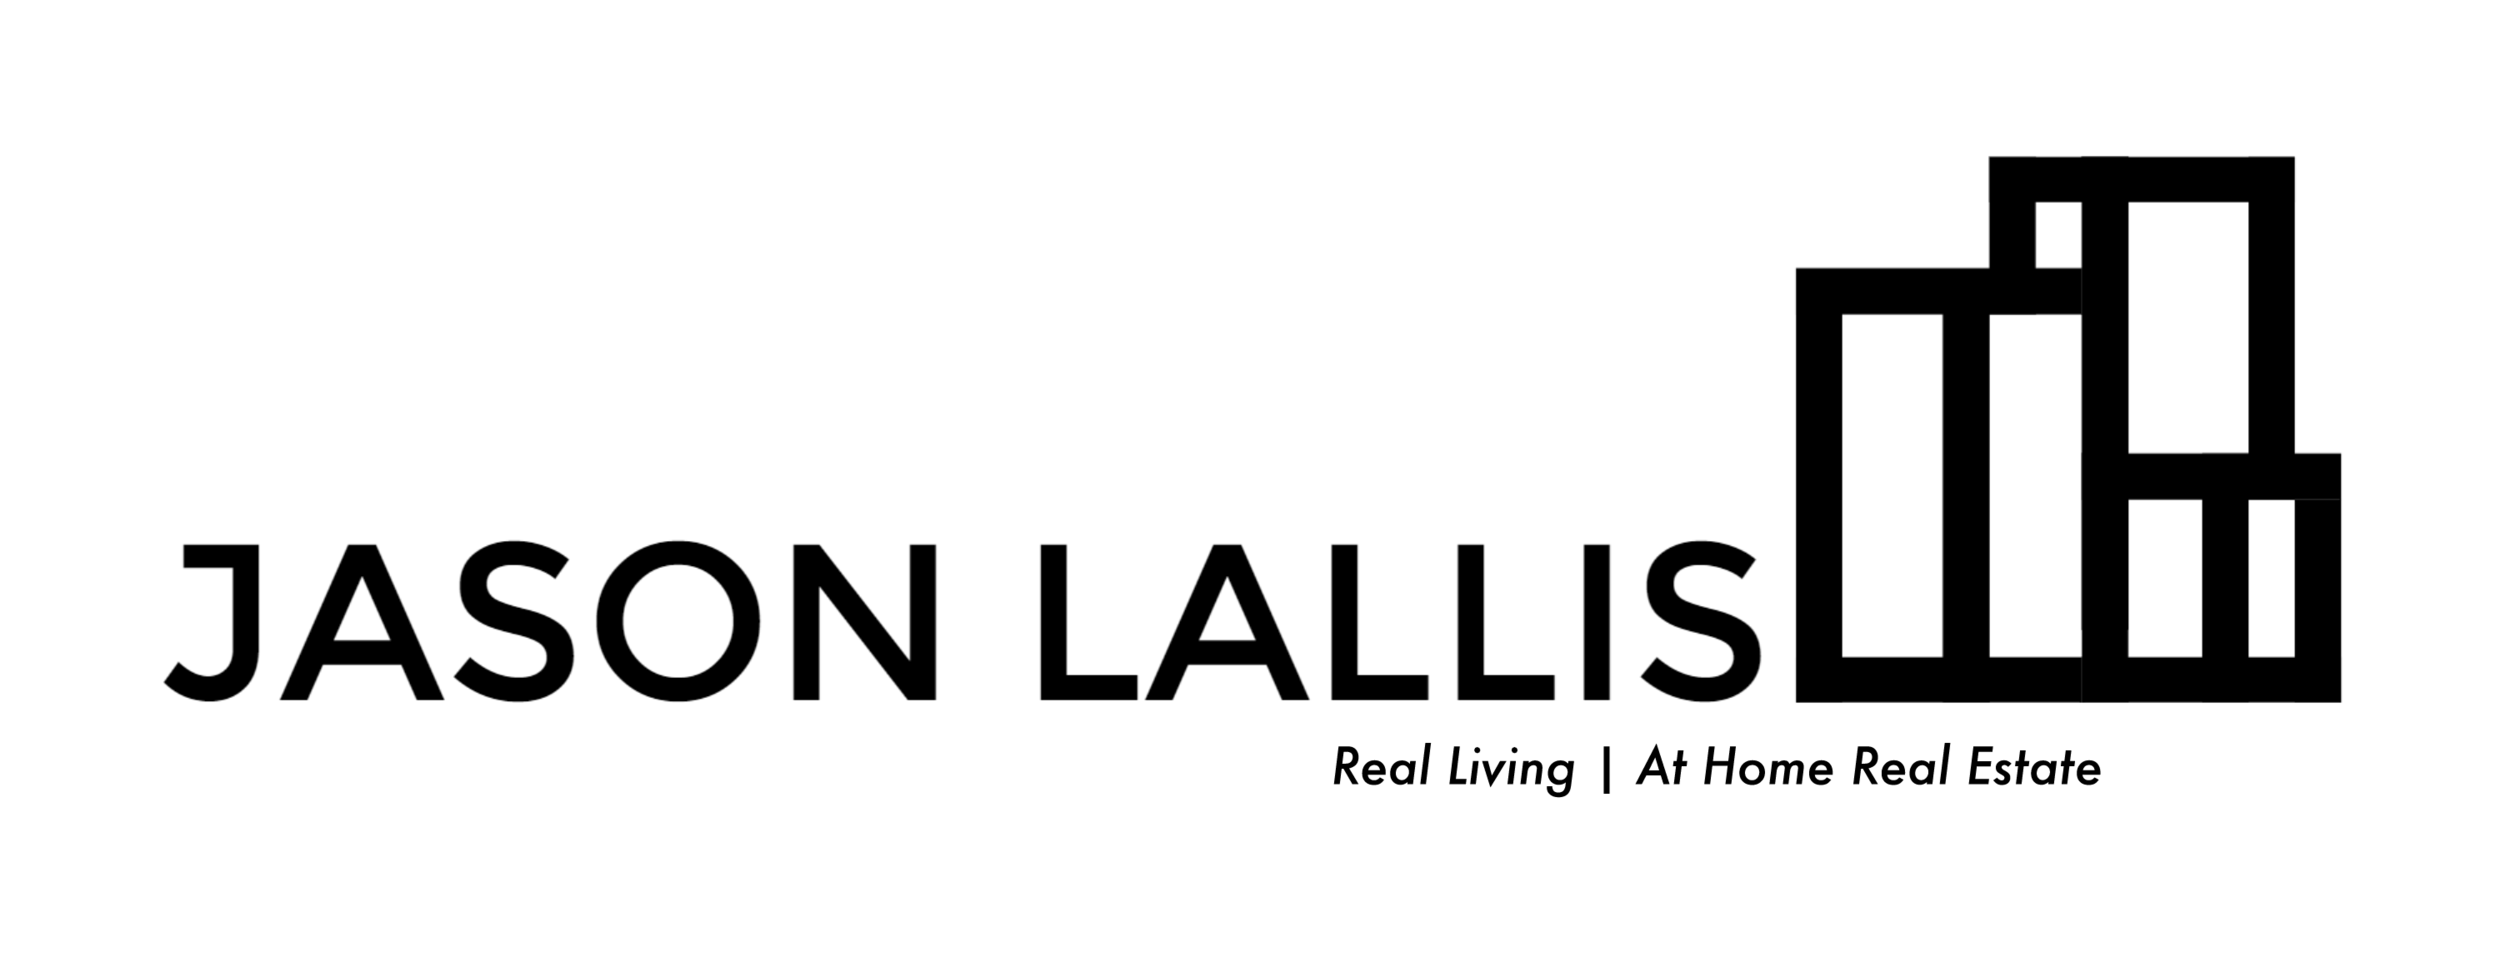 Jason Lallis  RLAH Logo.png